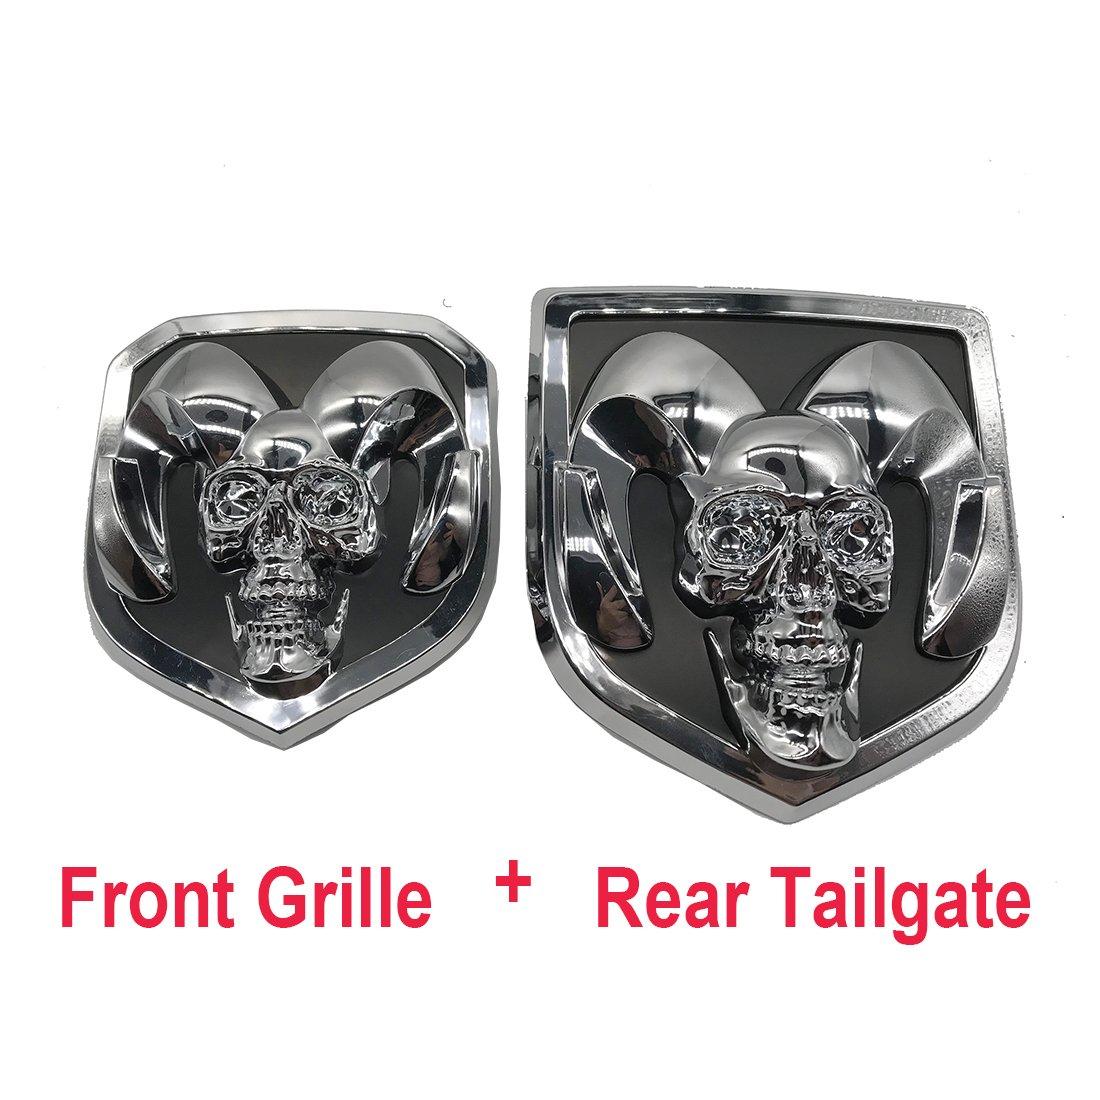 silver skull head Emblem Medallion Skull for Dodge Ram 1500 2500 3500 2013-2018  Tailgate + Grille